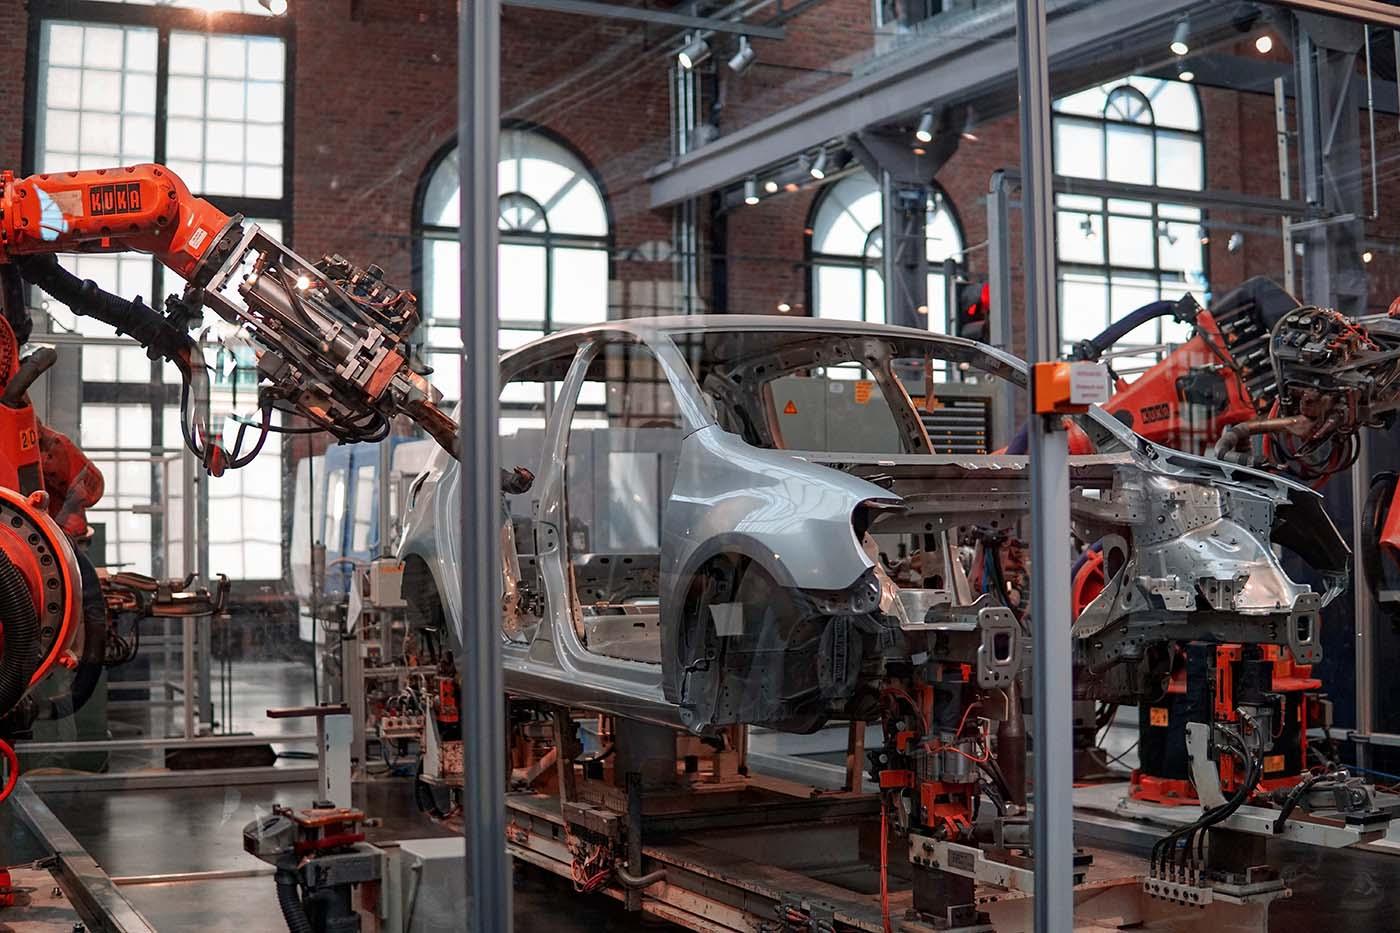 las fábricas de automóviles tienen una cadena de suministro muy compleja